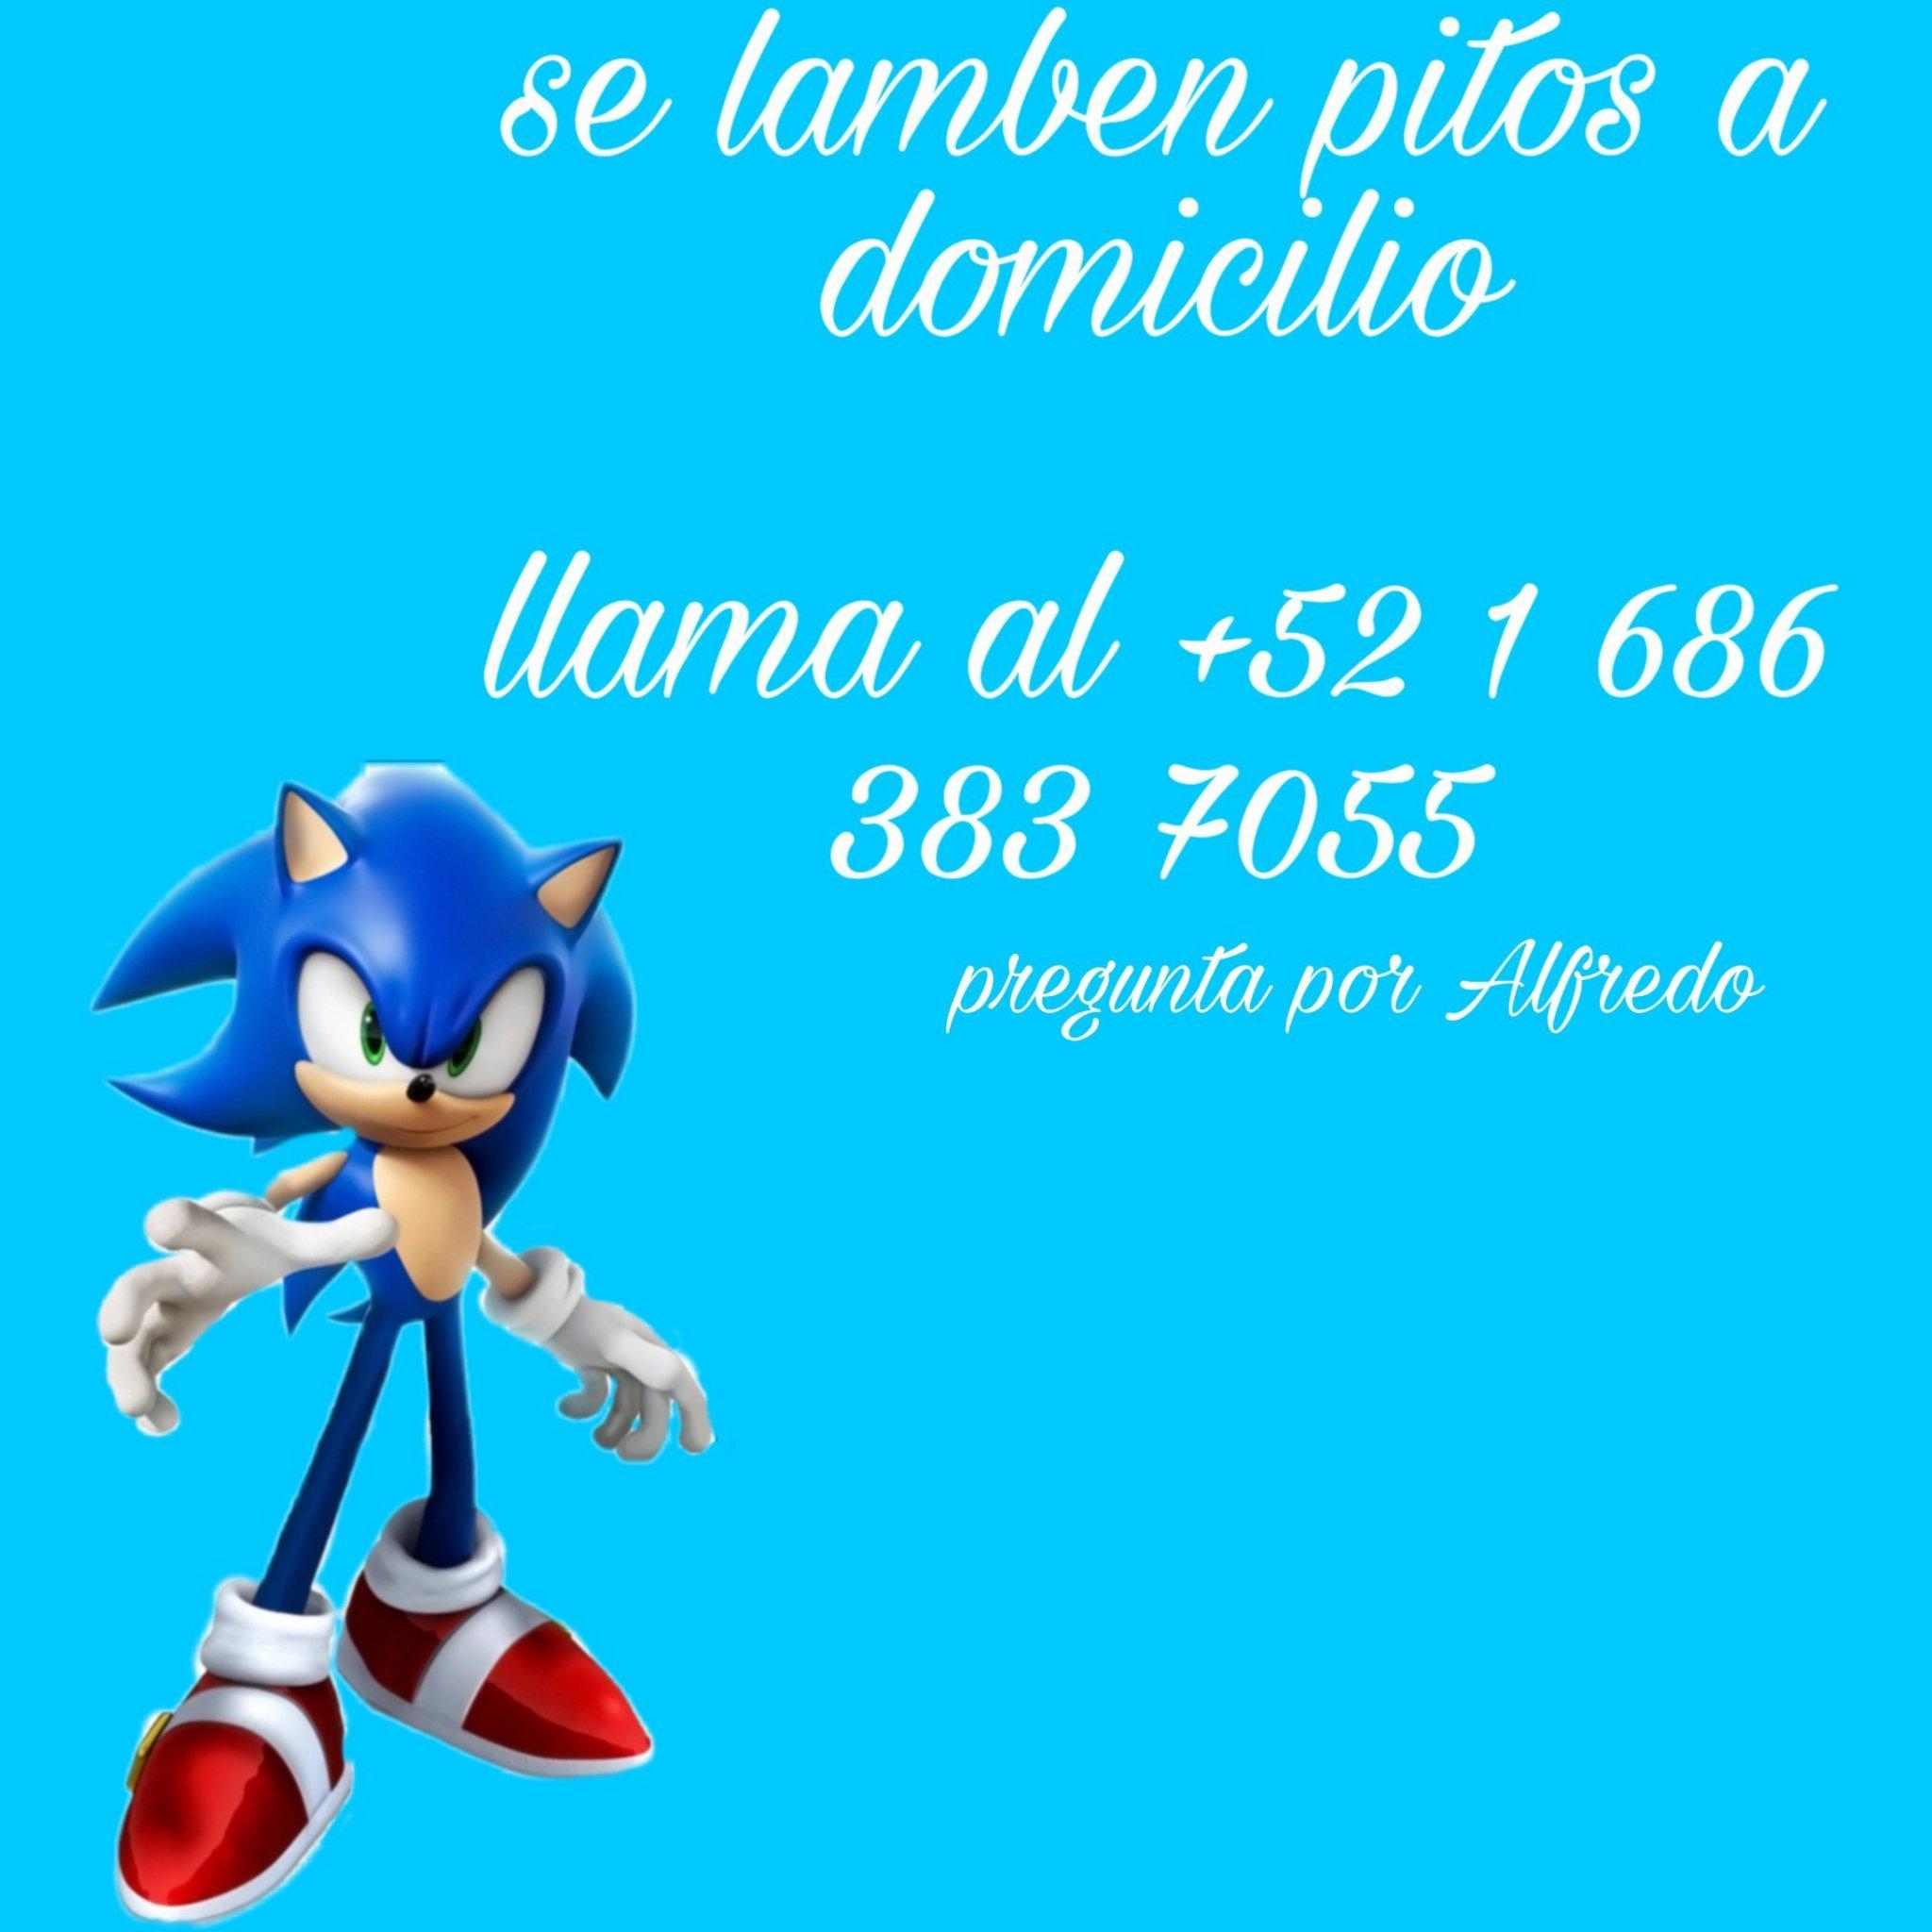 Llamen - meme